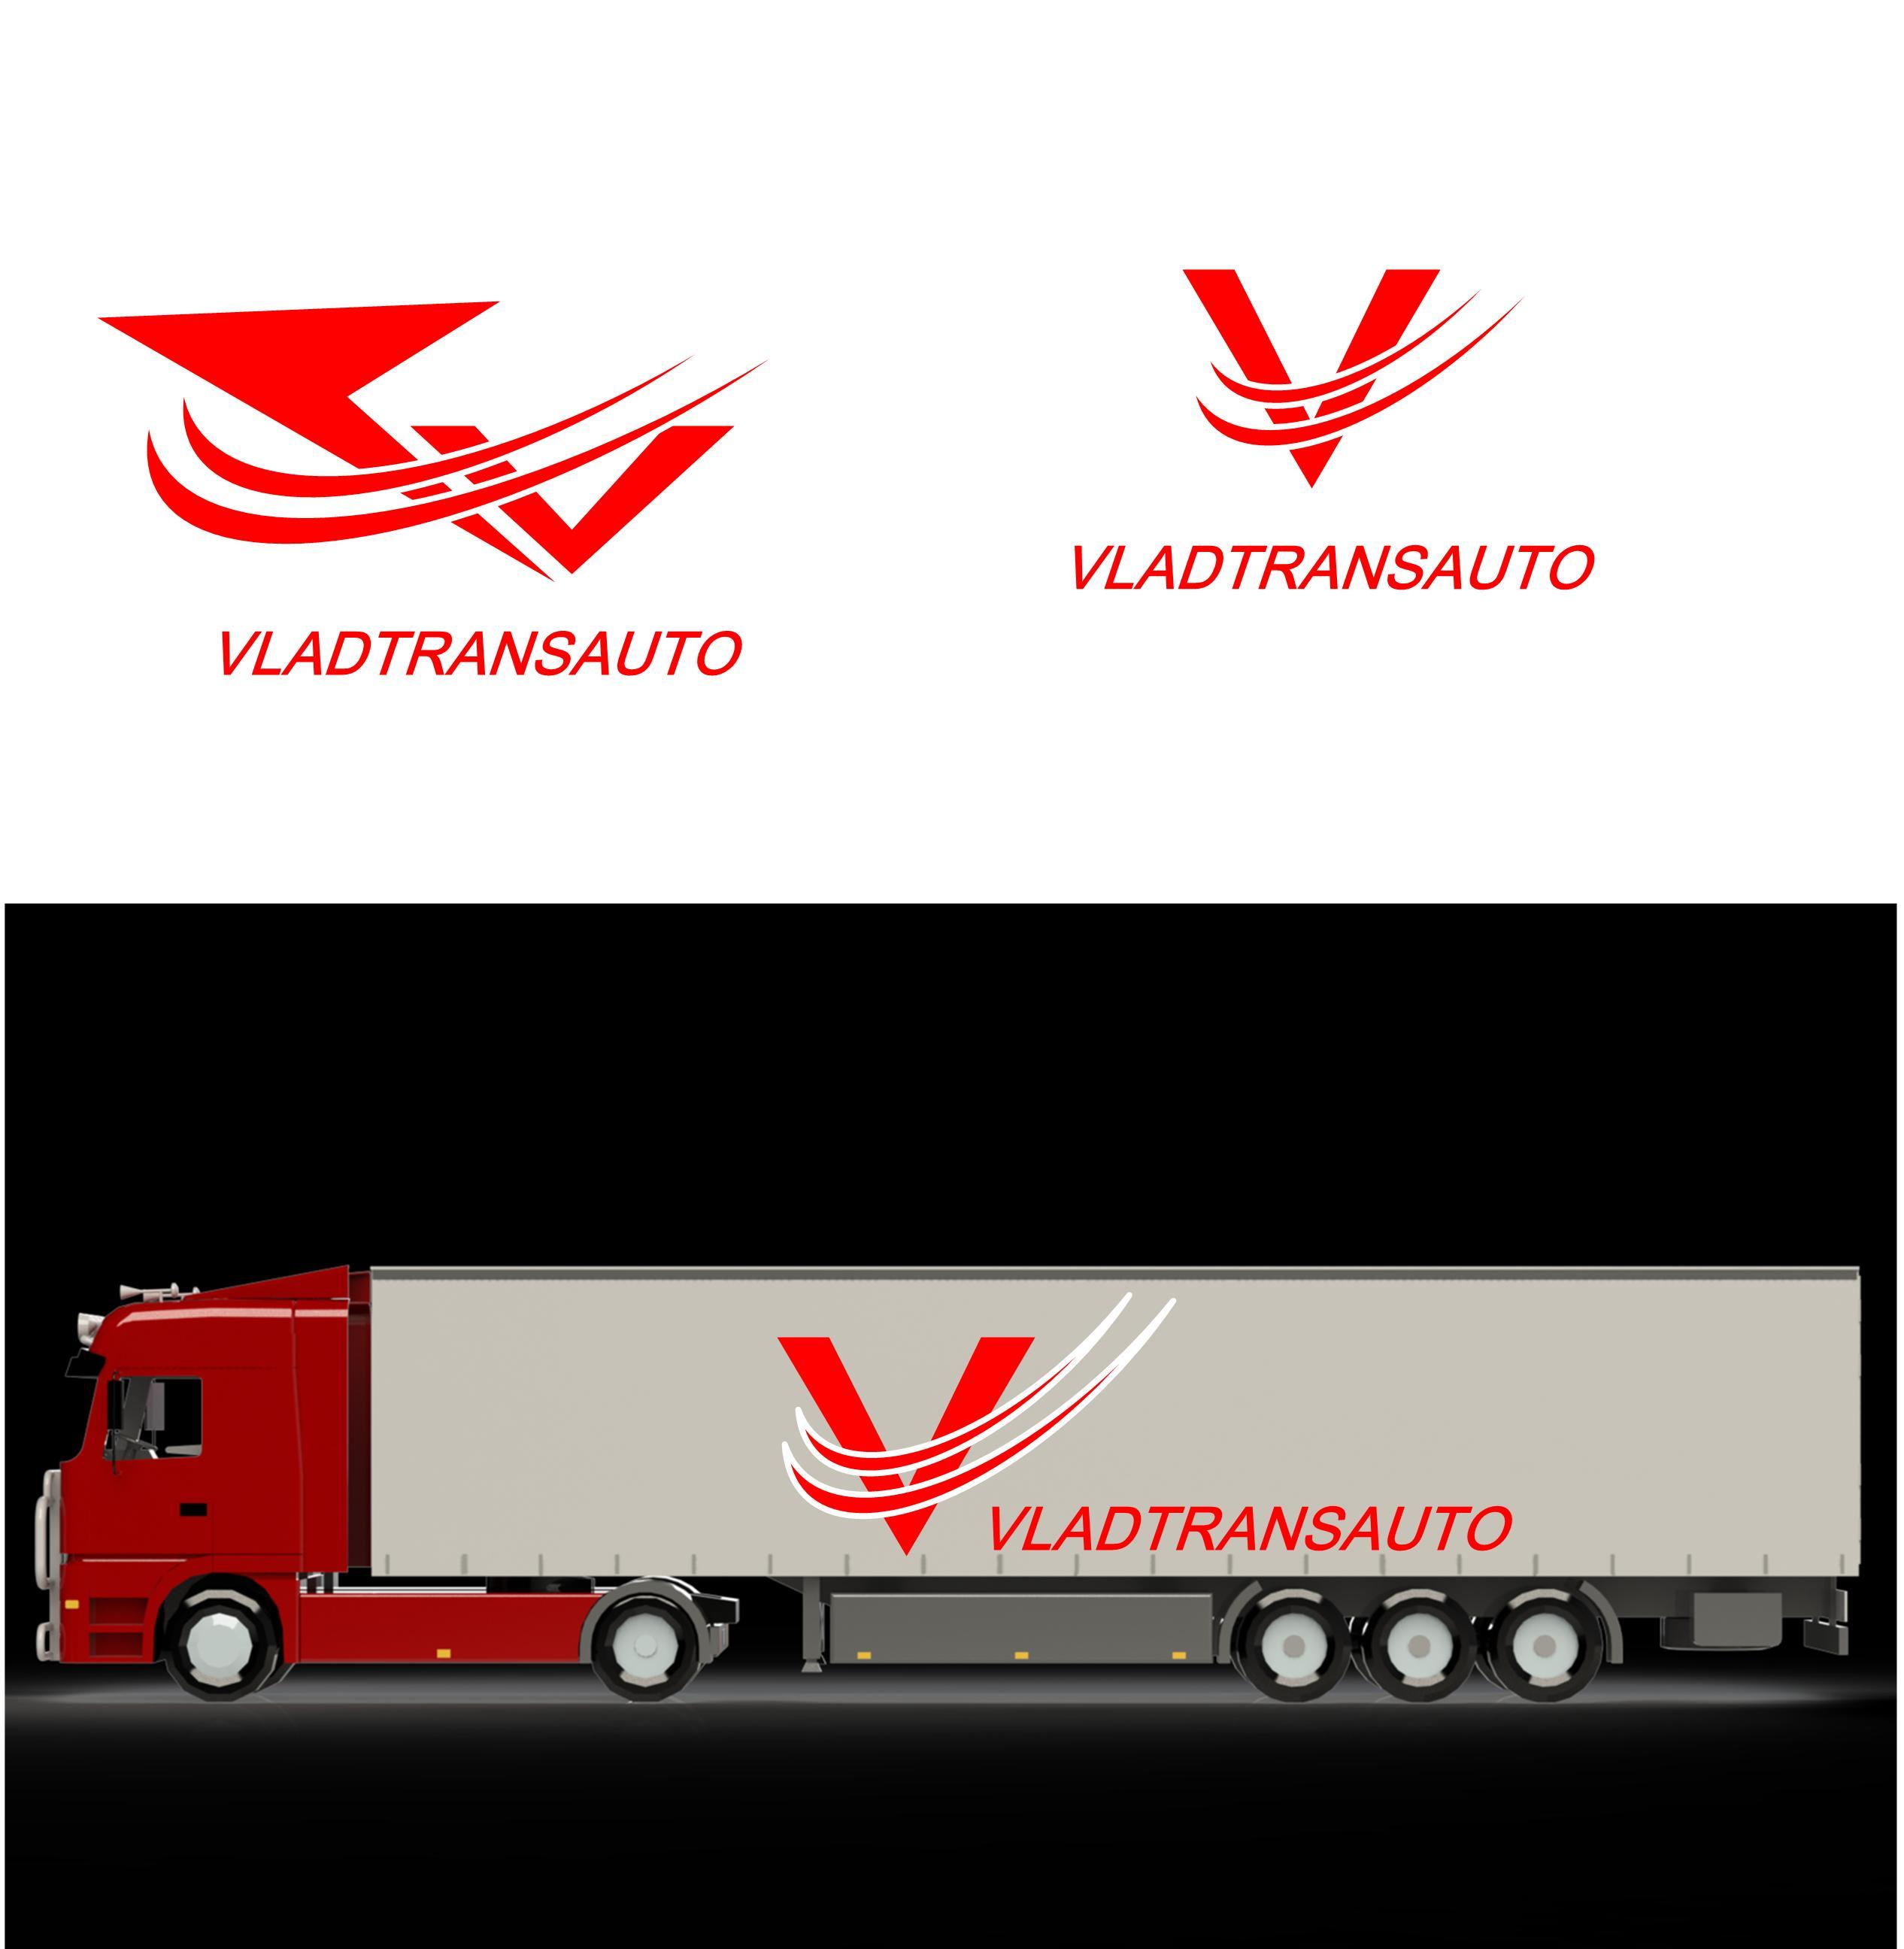 Логотип и фирменный стиль для транспортной компании Владтрансавто фото f_4735cdee6d6ee6f8.jpg